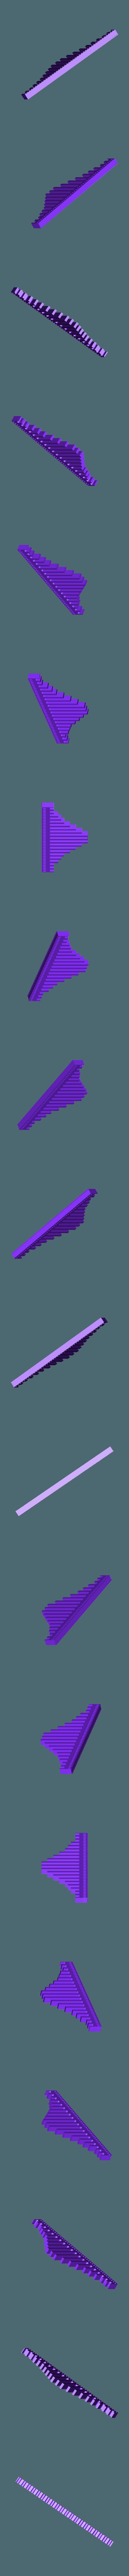 Giant_Ass_Bridge.STL Télécharger fichier STL gratuit École Poudlard • Plan imprimable en 3D, Urgnarb